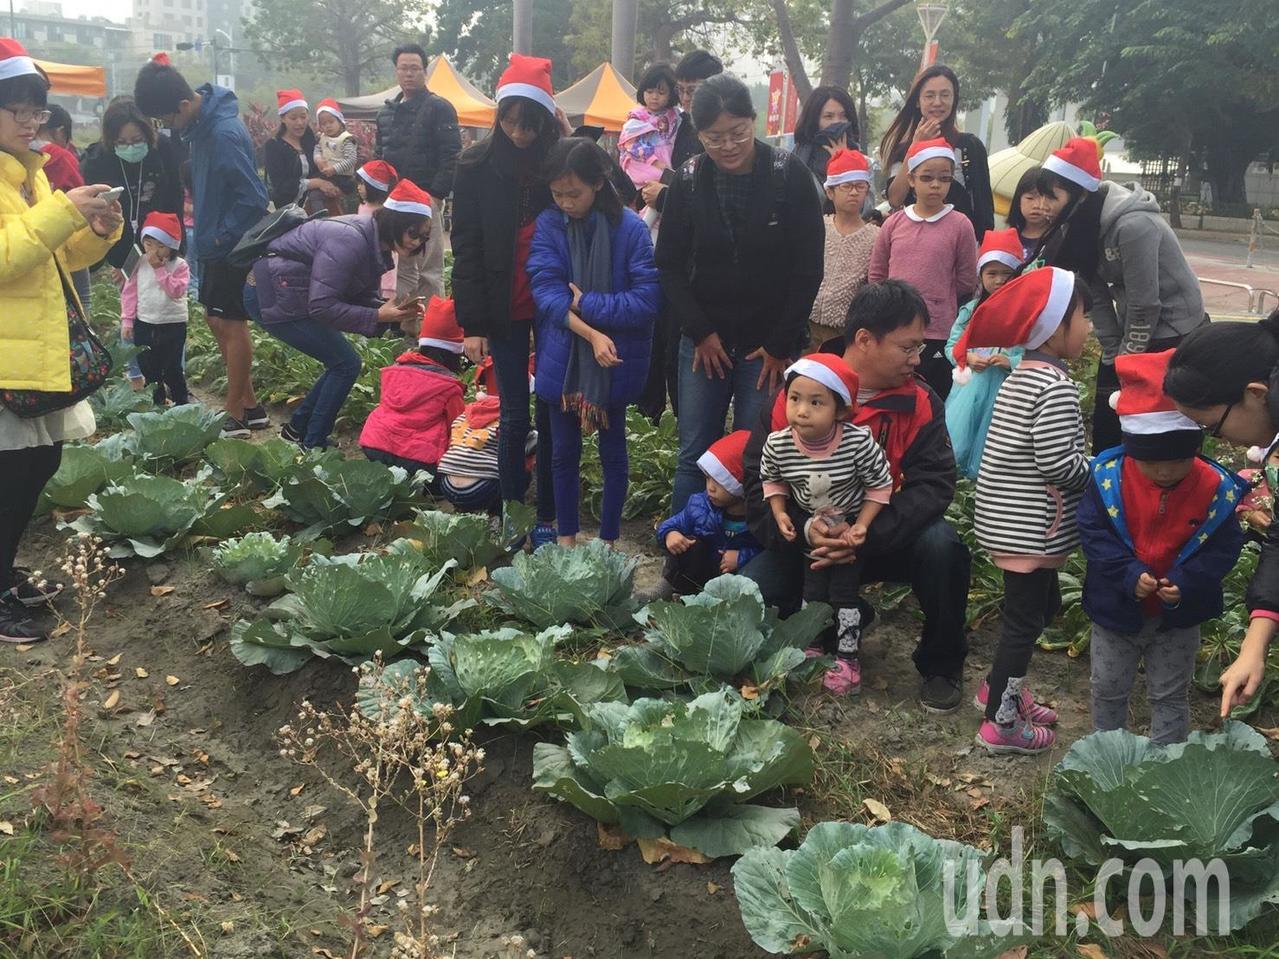 今天有數餘位載耶誕老人紅帽的小農夫穿梭田間,幫忙拔蘿蔔、採蕃茄、挖地瓜及摘玉米,...